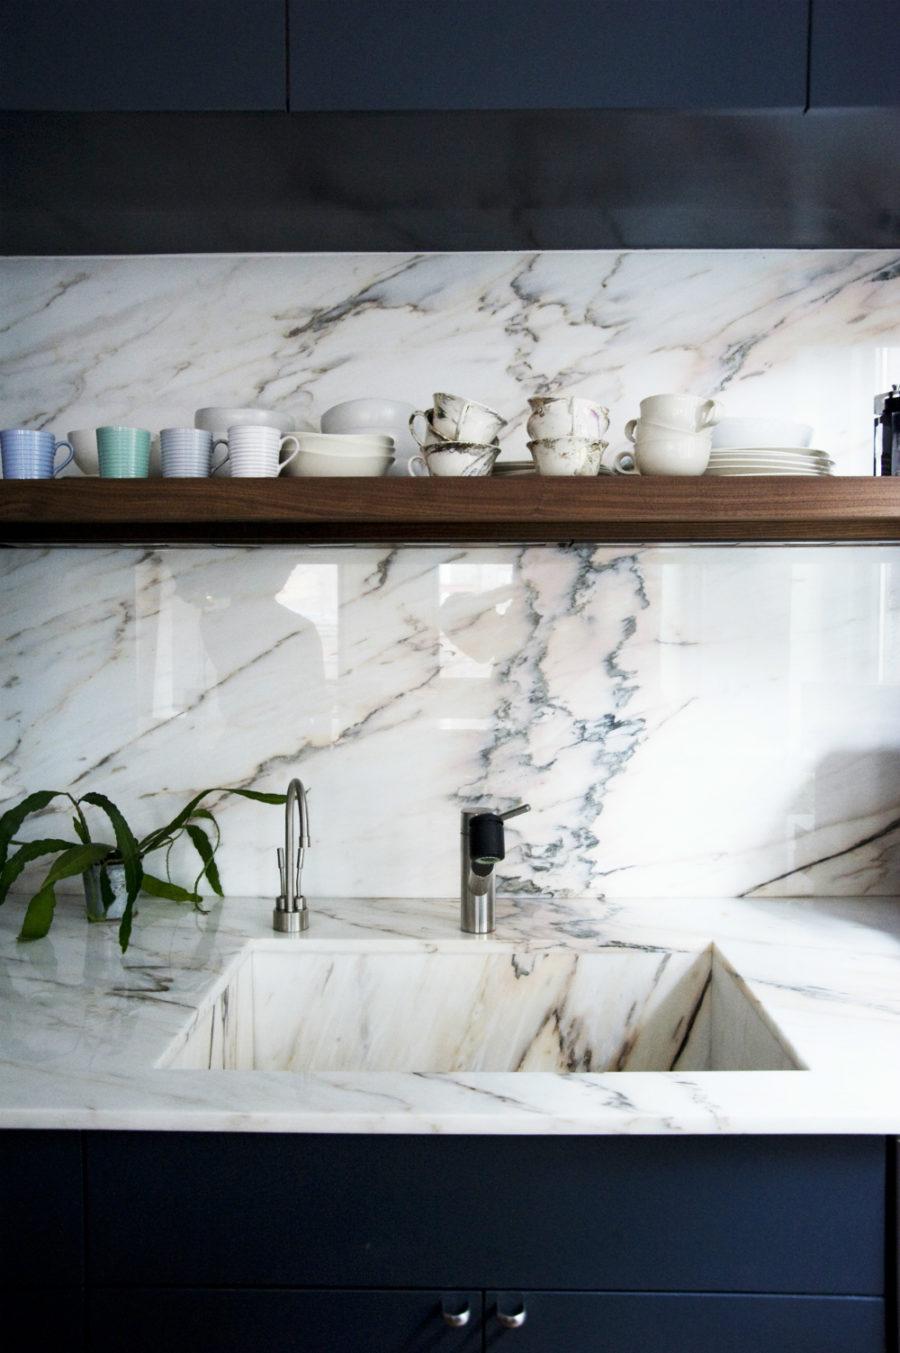 Оригинальный дизайн раковин для кухни - мраморная раковина